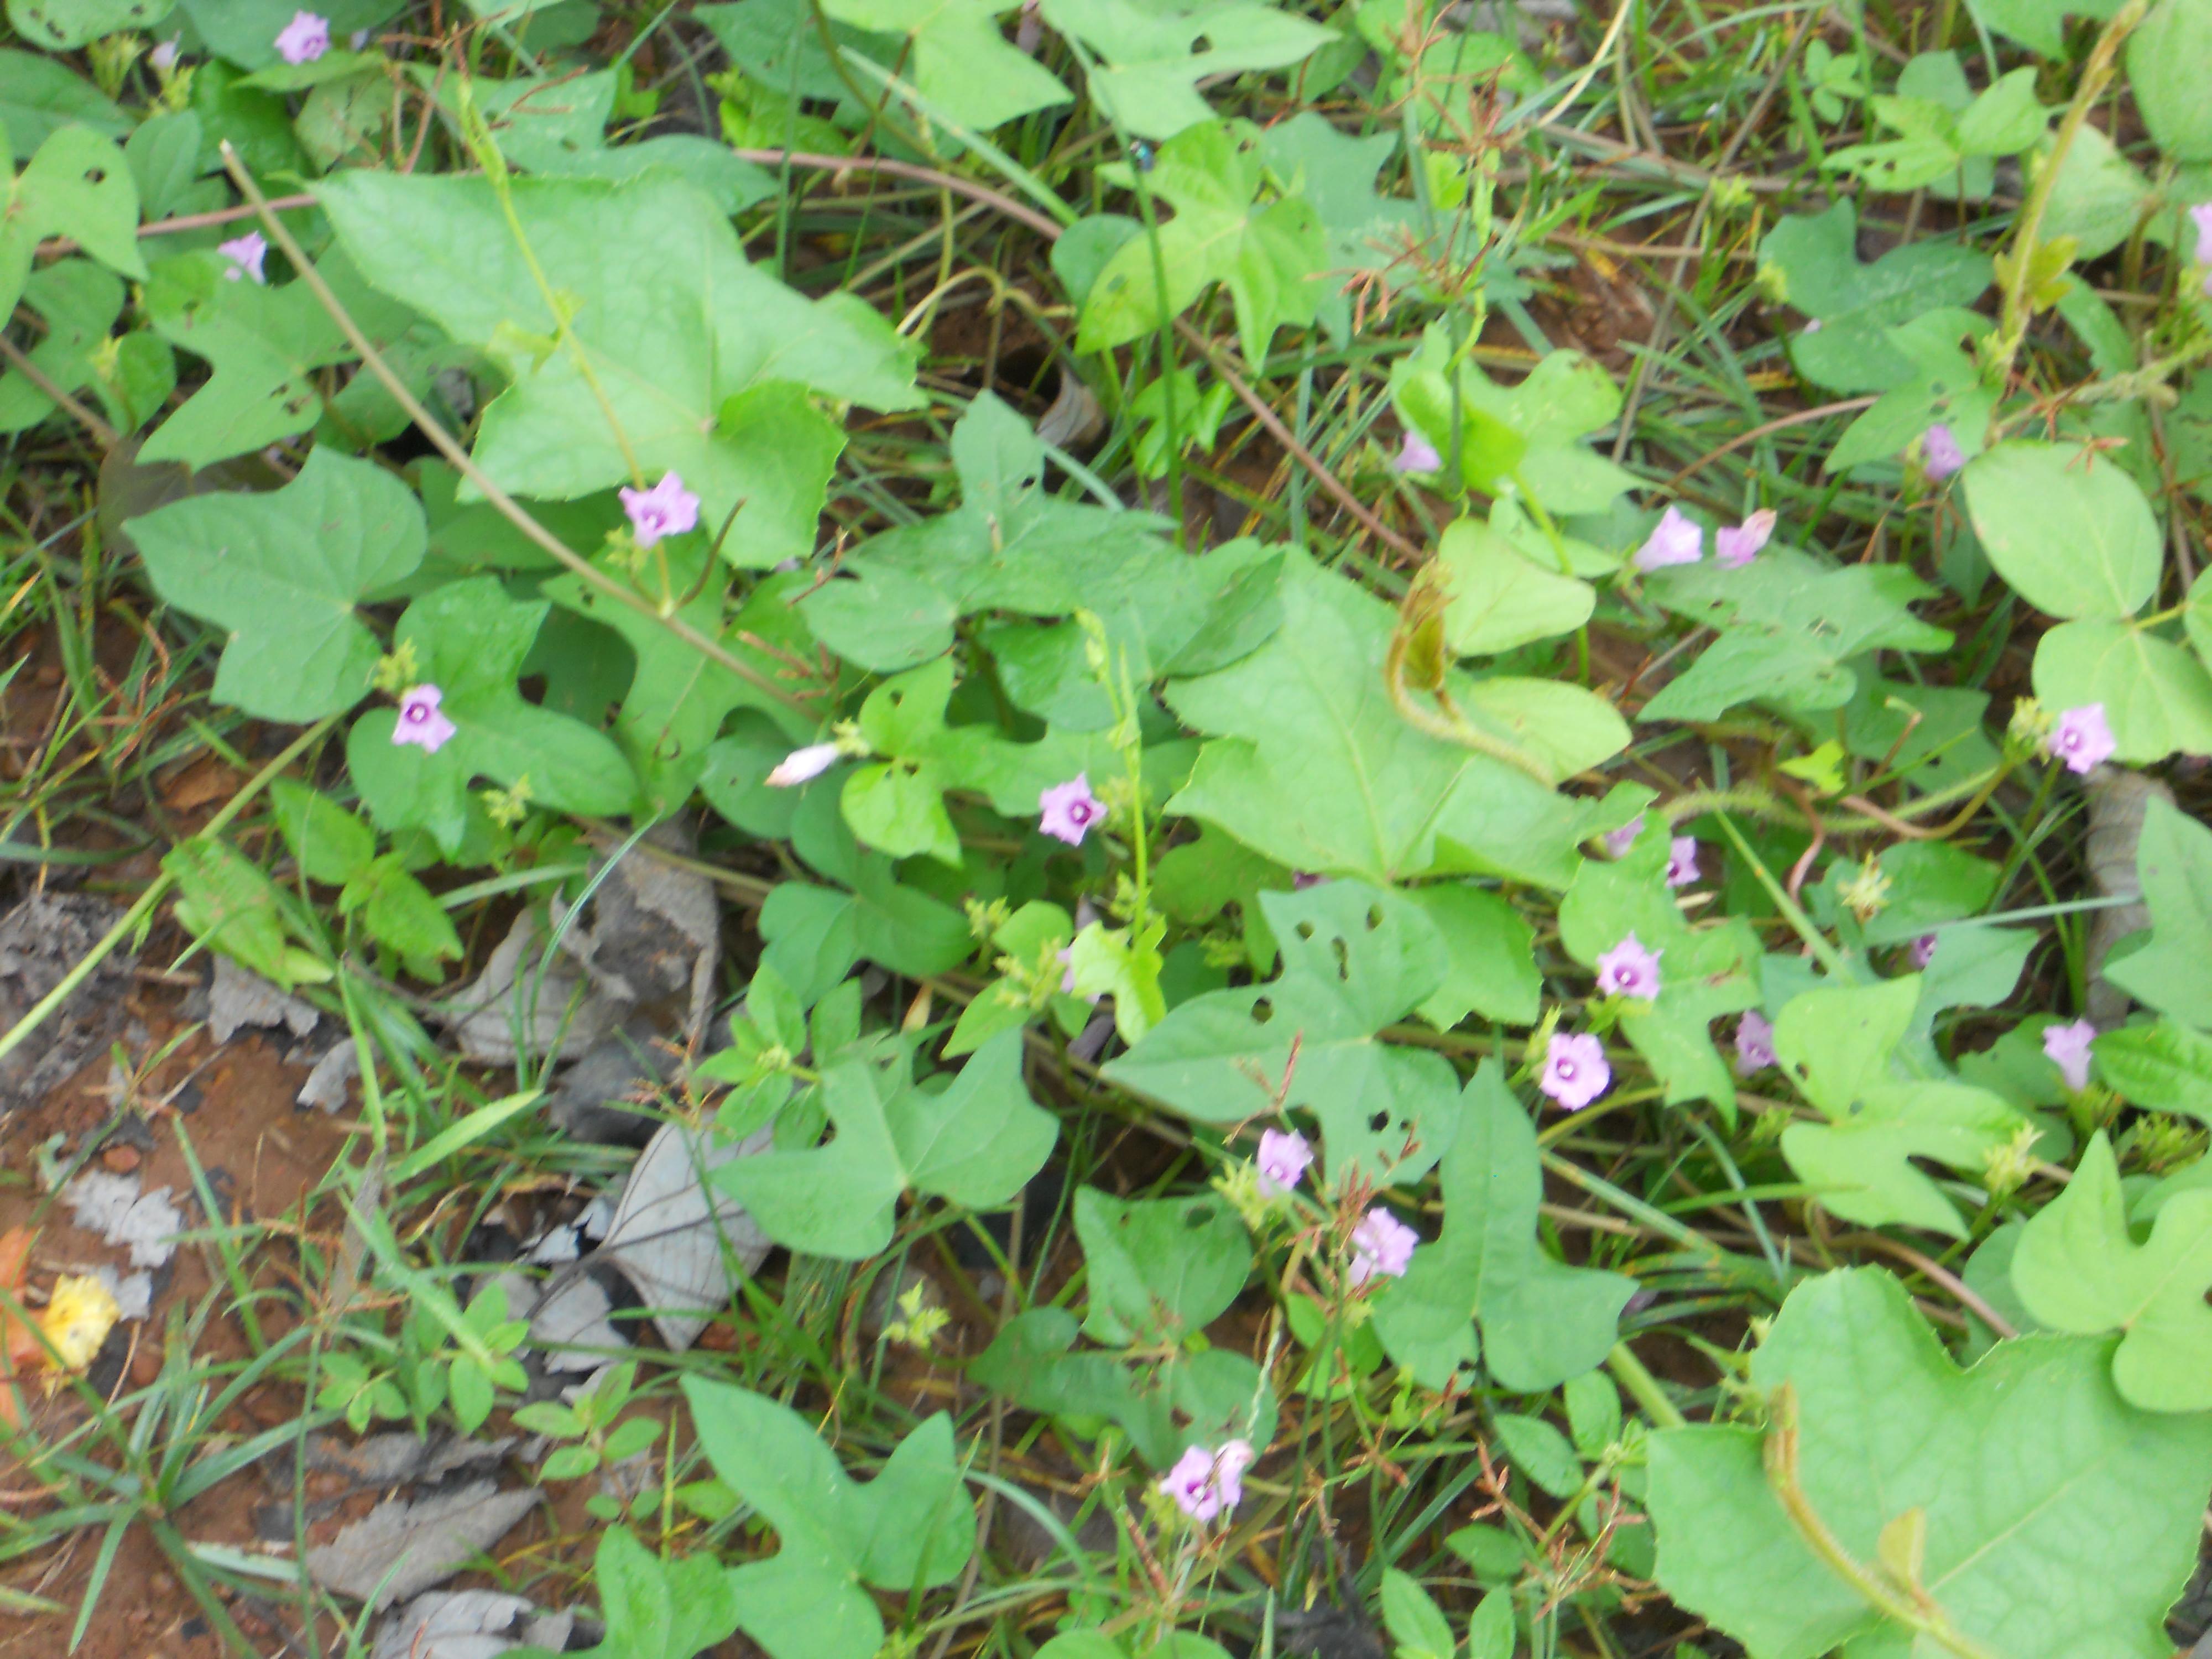 イネ圃場周辺の路傍で開花中の成植物